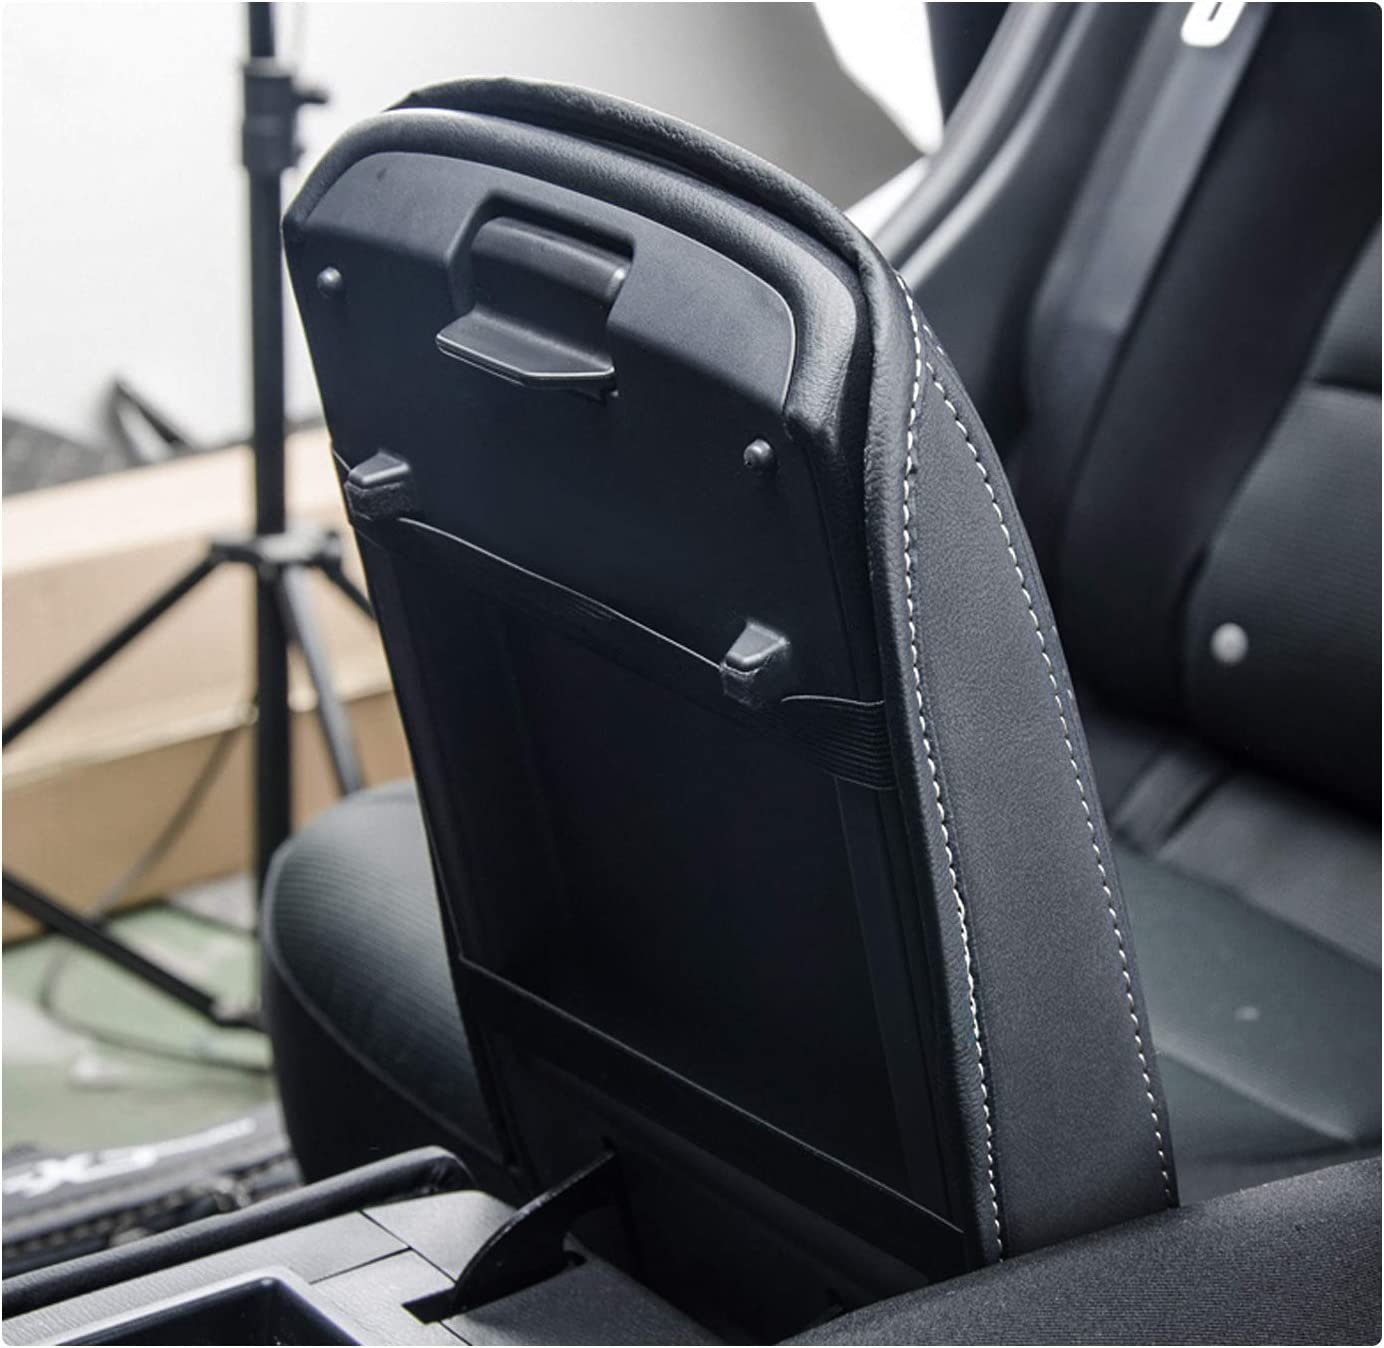 Wei/ß RUIYA CX-5 Mittelkonsole Auflagebezug Kundenspezifische Armlehne Box Soft Pad Protector